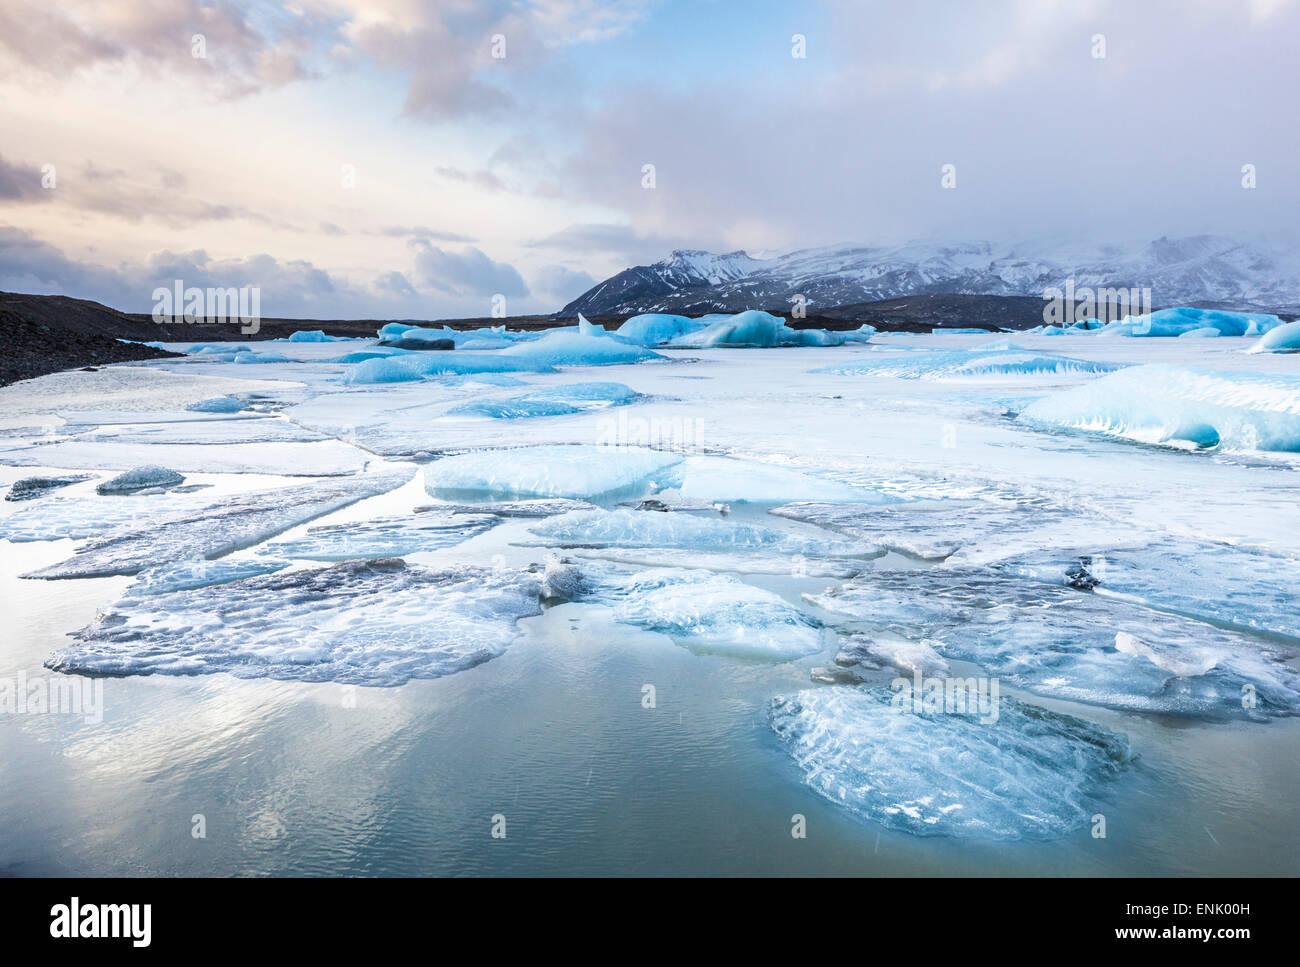 Les icebergs congelé verrouillés dans les eaux glacées du Glacier Fjallsarlon Lagoon, au Sud Est Photo Stock